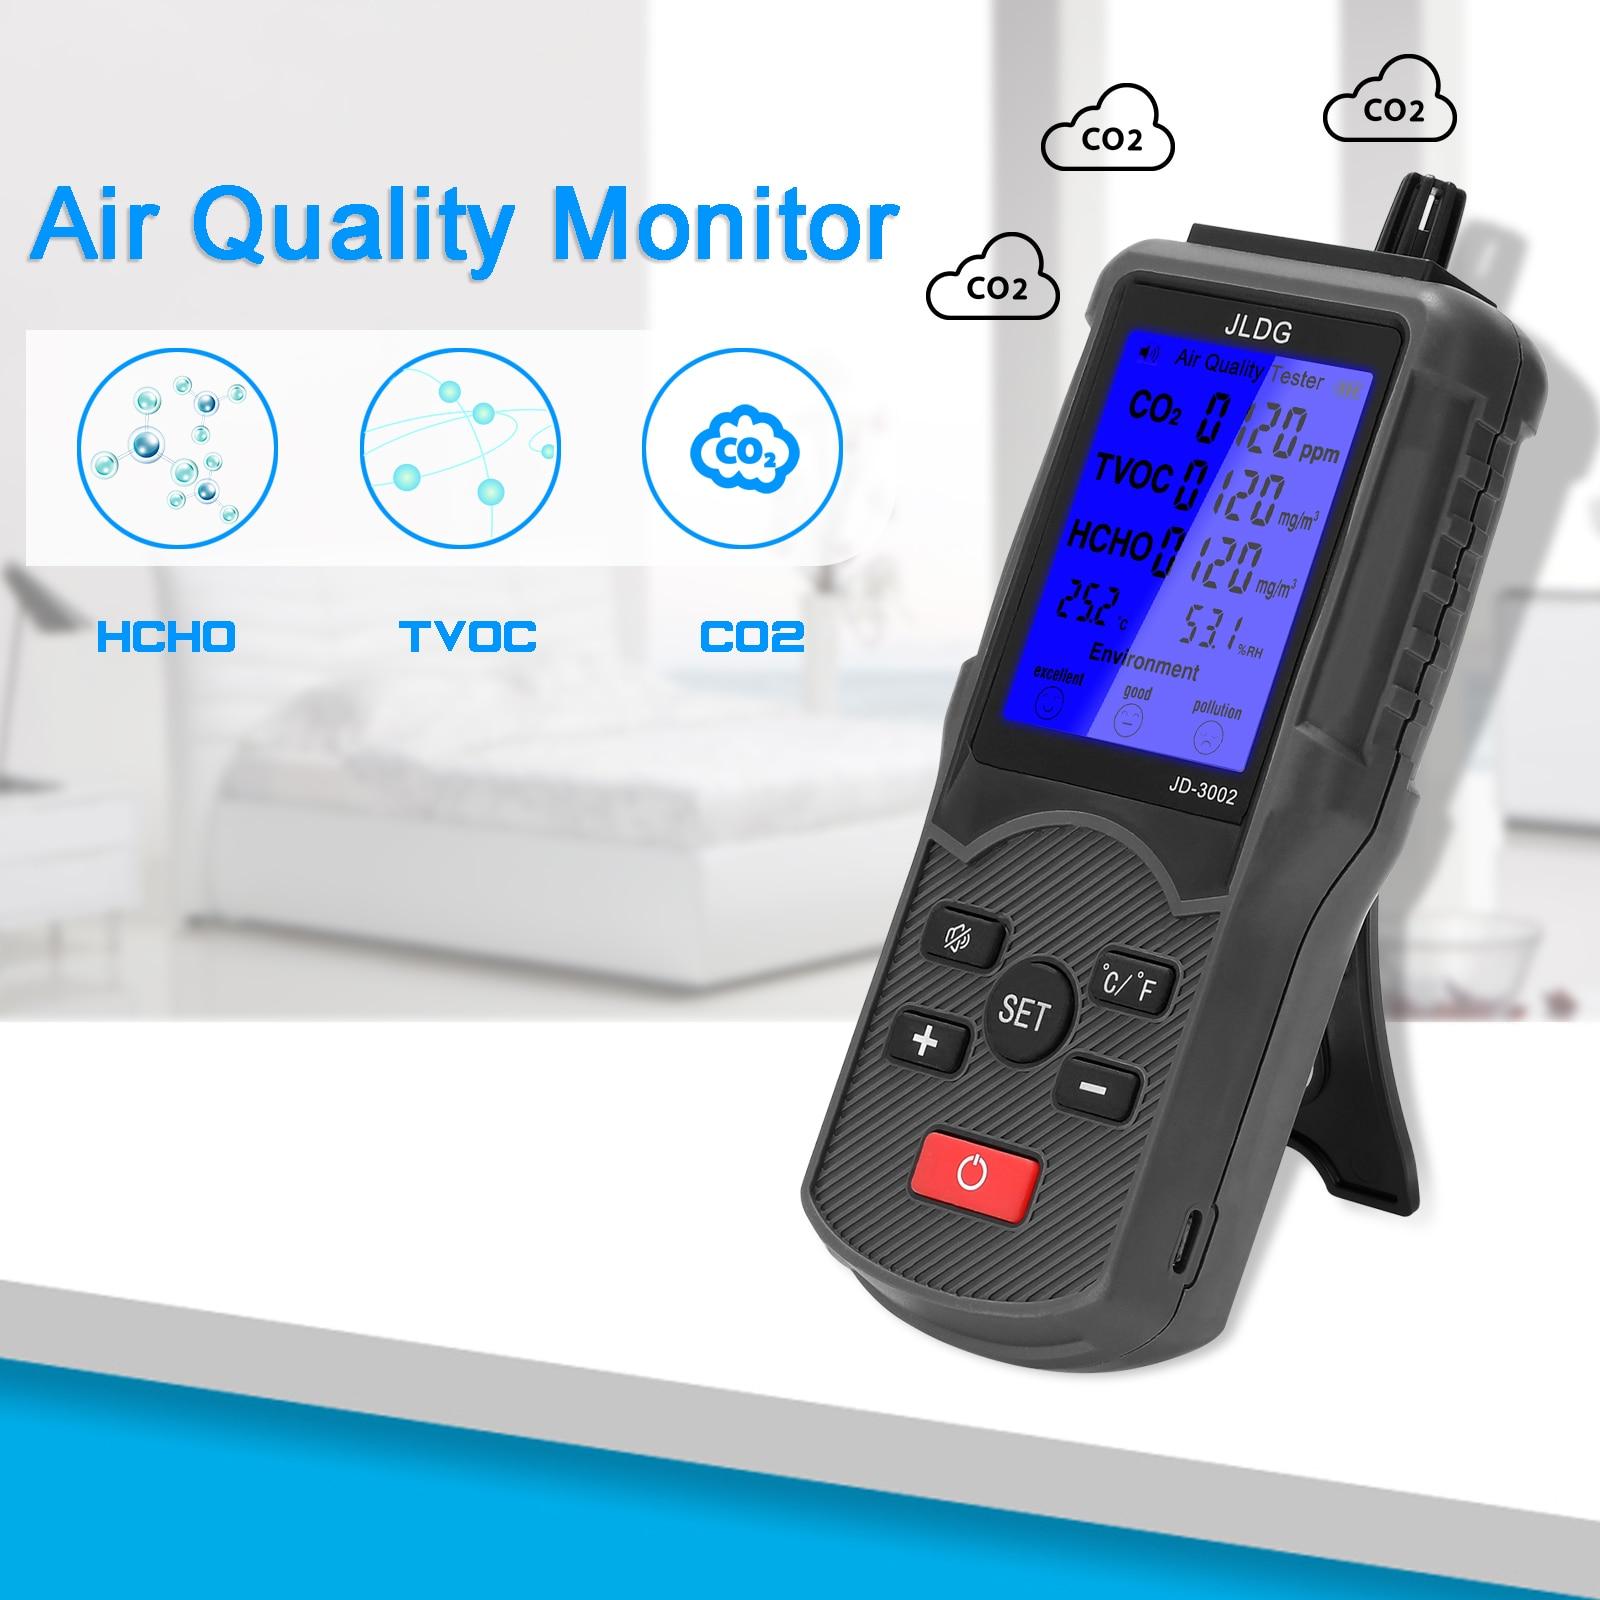 Dijital gaz dedektörü CO2 TVOC HCHO metre hava kalitesi monitör sıcaklık nem ölçüm cihazı hava analizörü LCD ekran